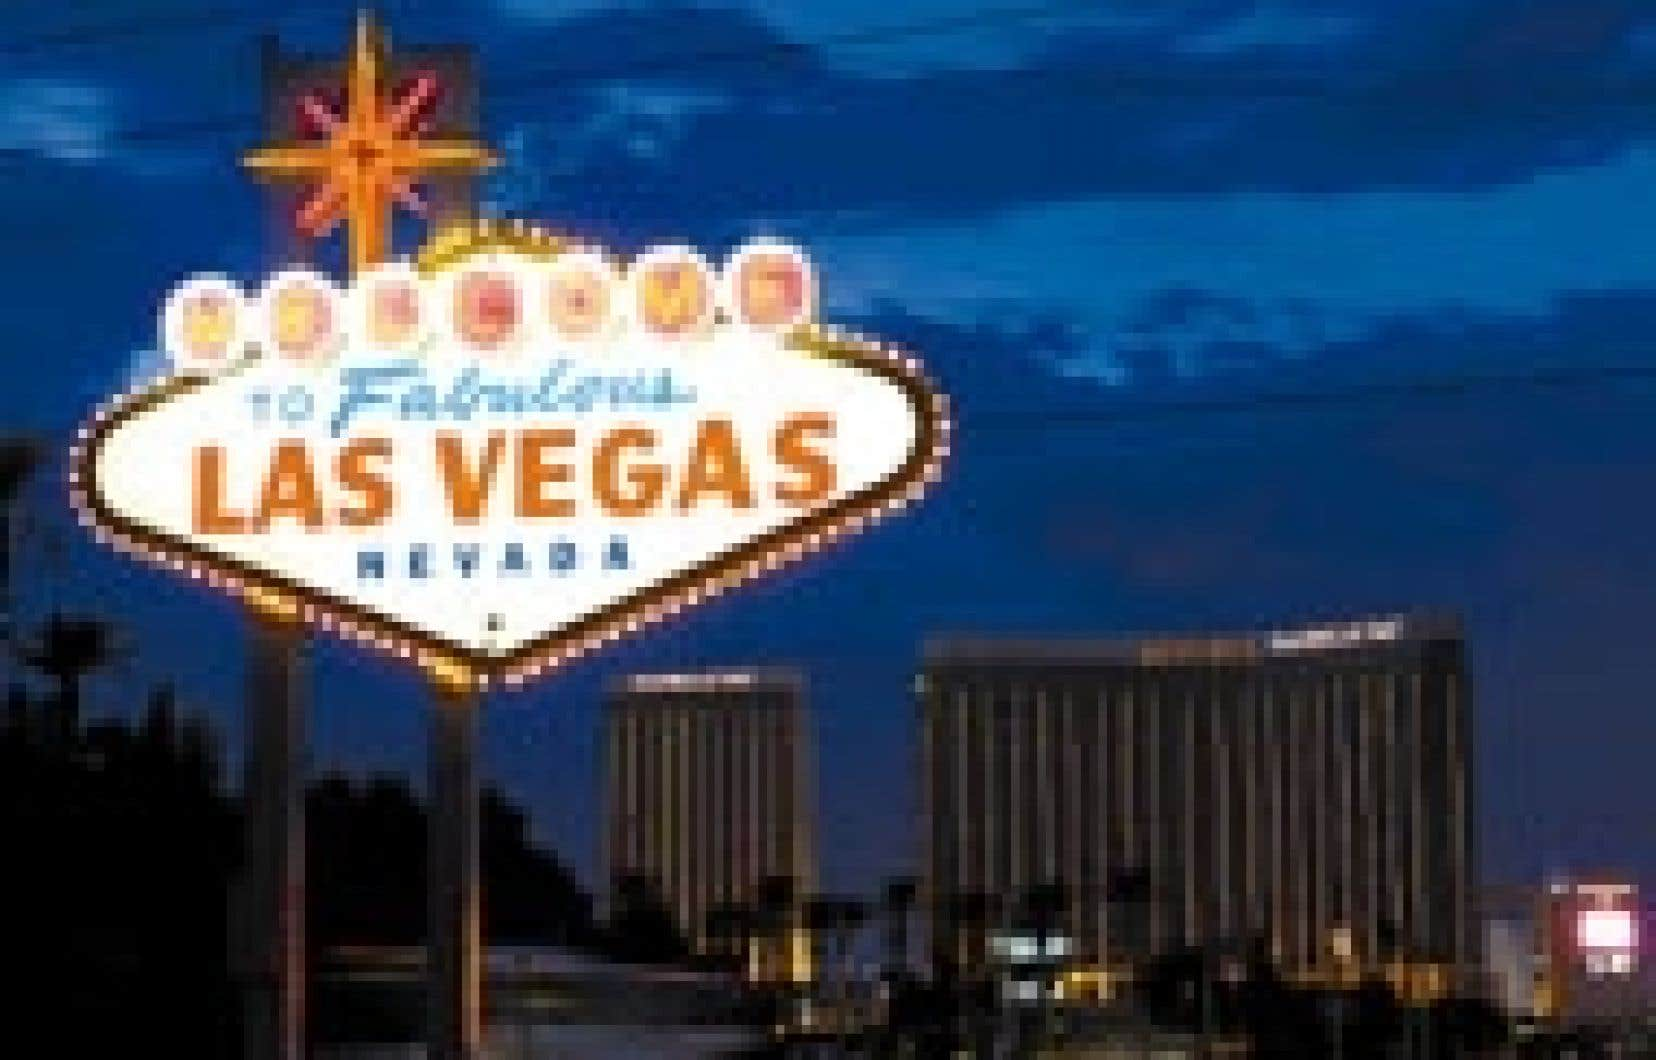 Le Strip, principal boulevard de Las Vegas. Il y a trois mois, Kirk Kerkorian rachetait le groupe de casinos et d'hôtels Mandalay Resort, dont on aperçoit un des fleurons, le Mandalay Bay, en arrière-plan.